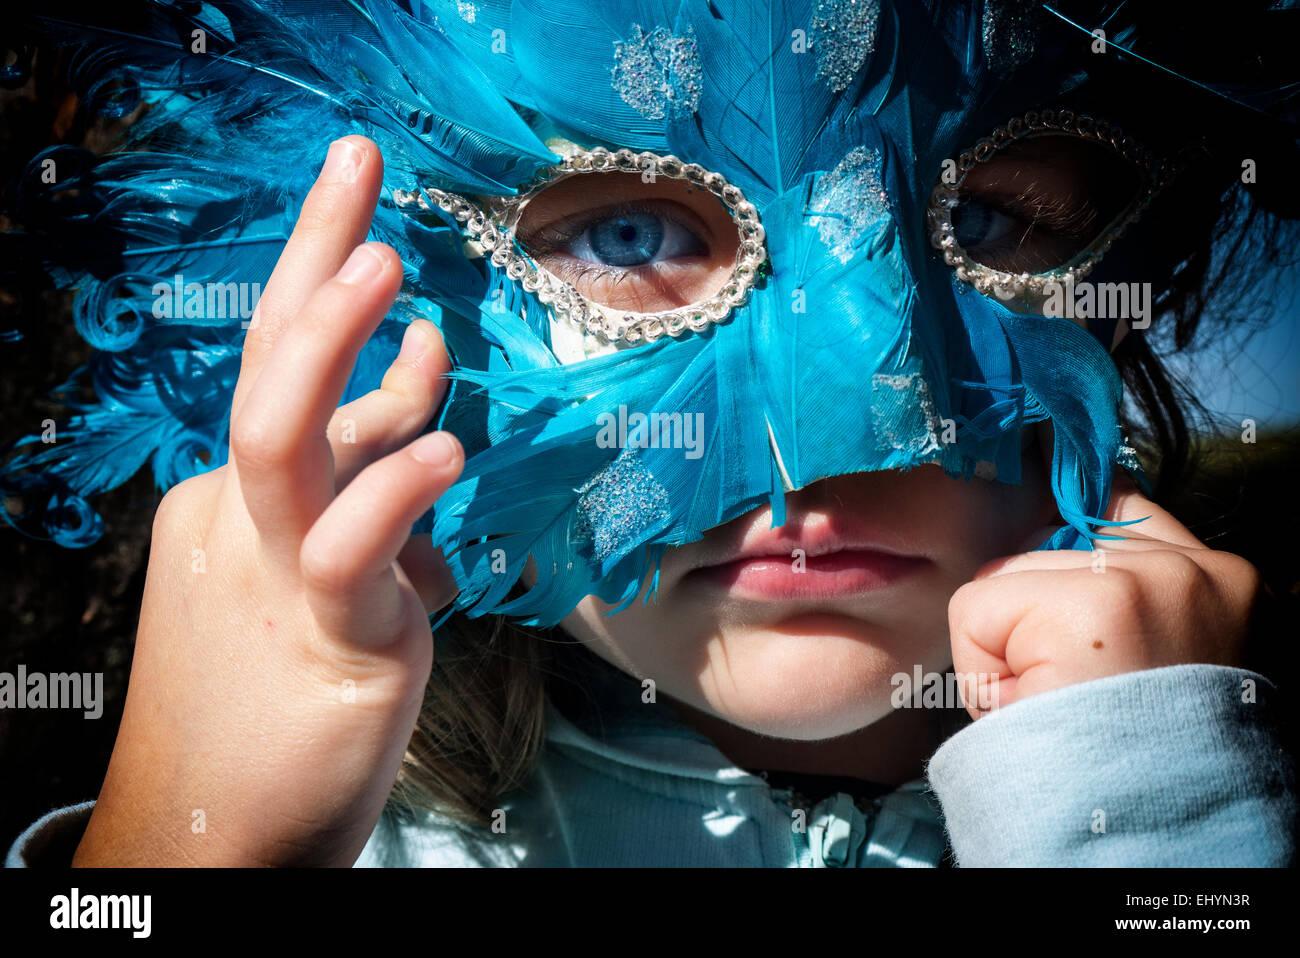 Chica que llevaba una máscara de carnaval Imagen De Stock